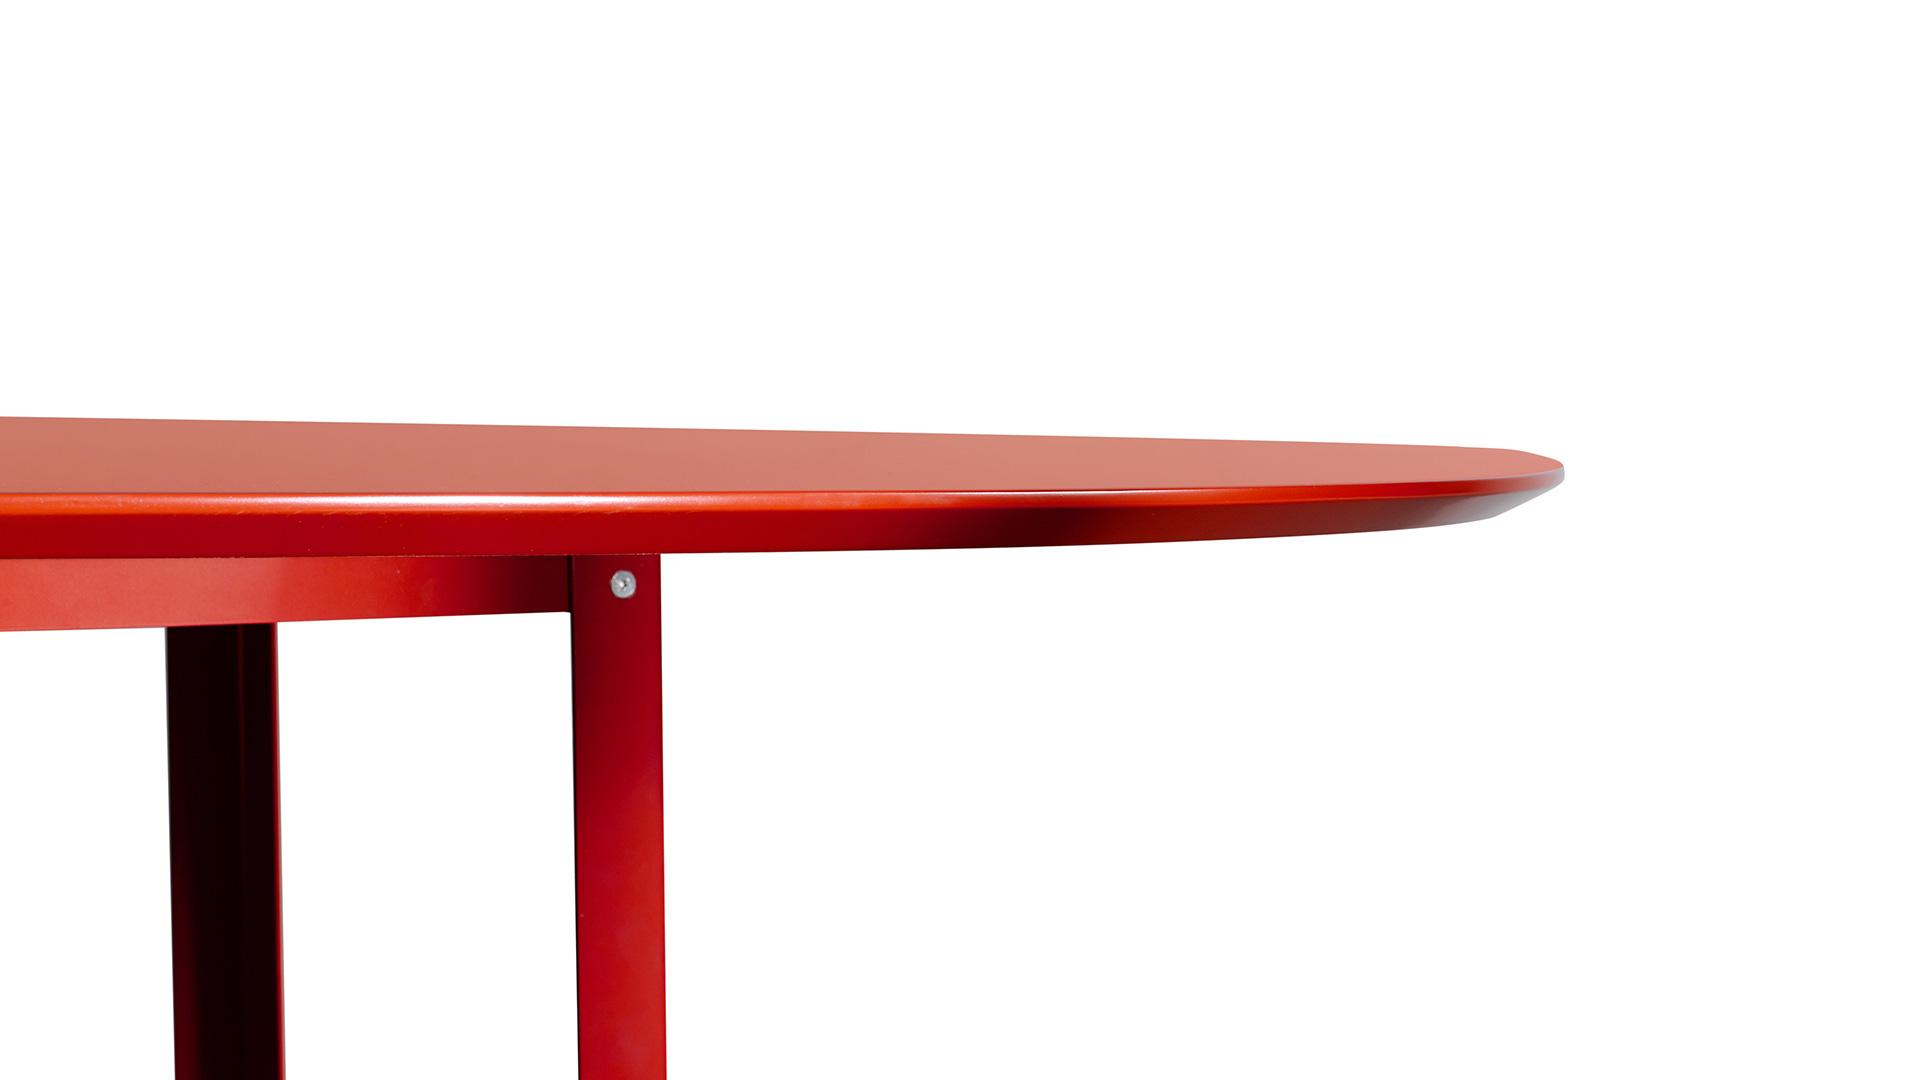 边缘45°倒角精细处理,一致的流畅,触感细腻柔和,更方便手抬桌缘的自由挪动。